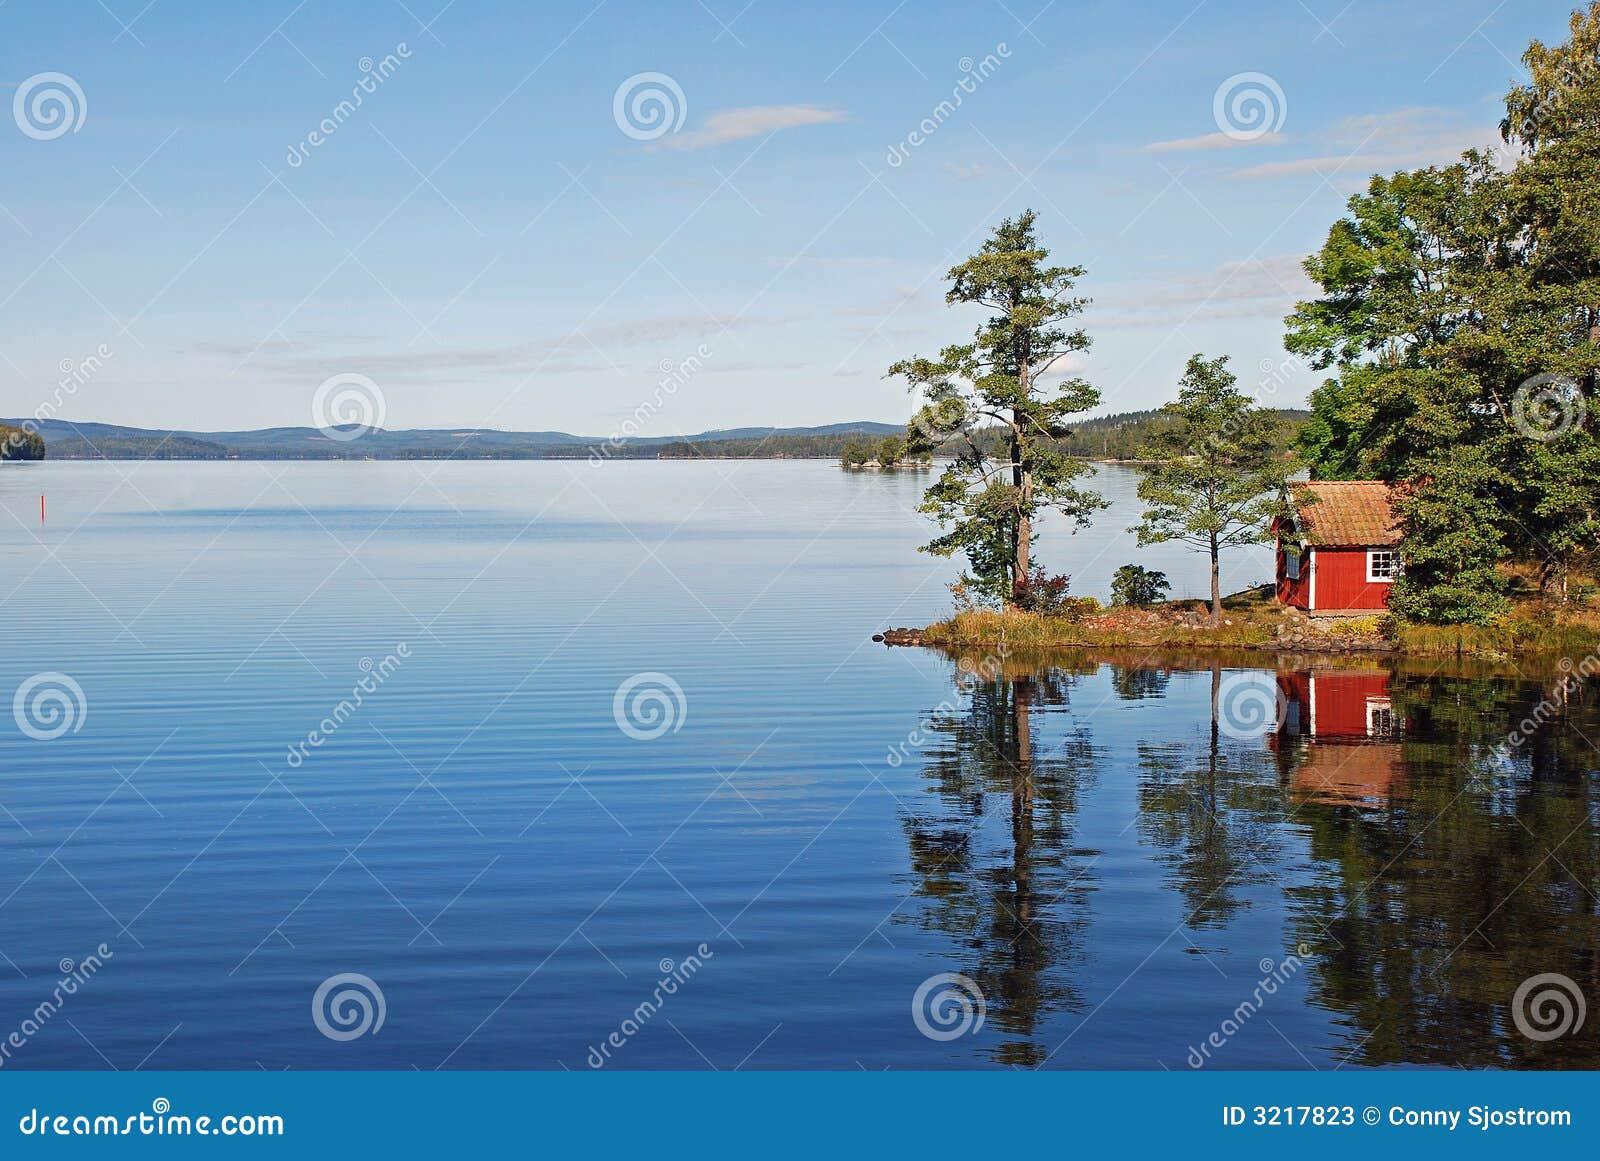 Reflekterat sceniskt för hus lake